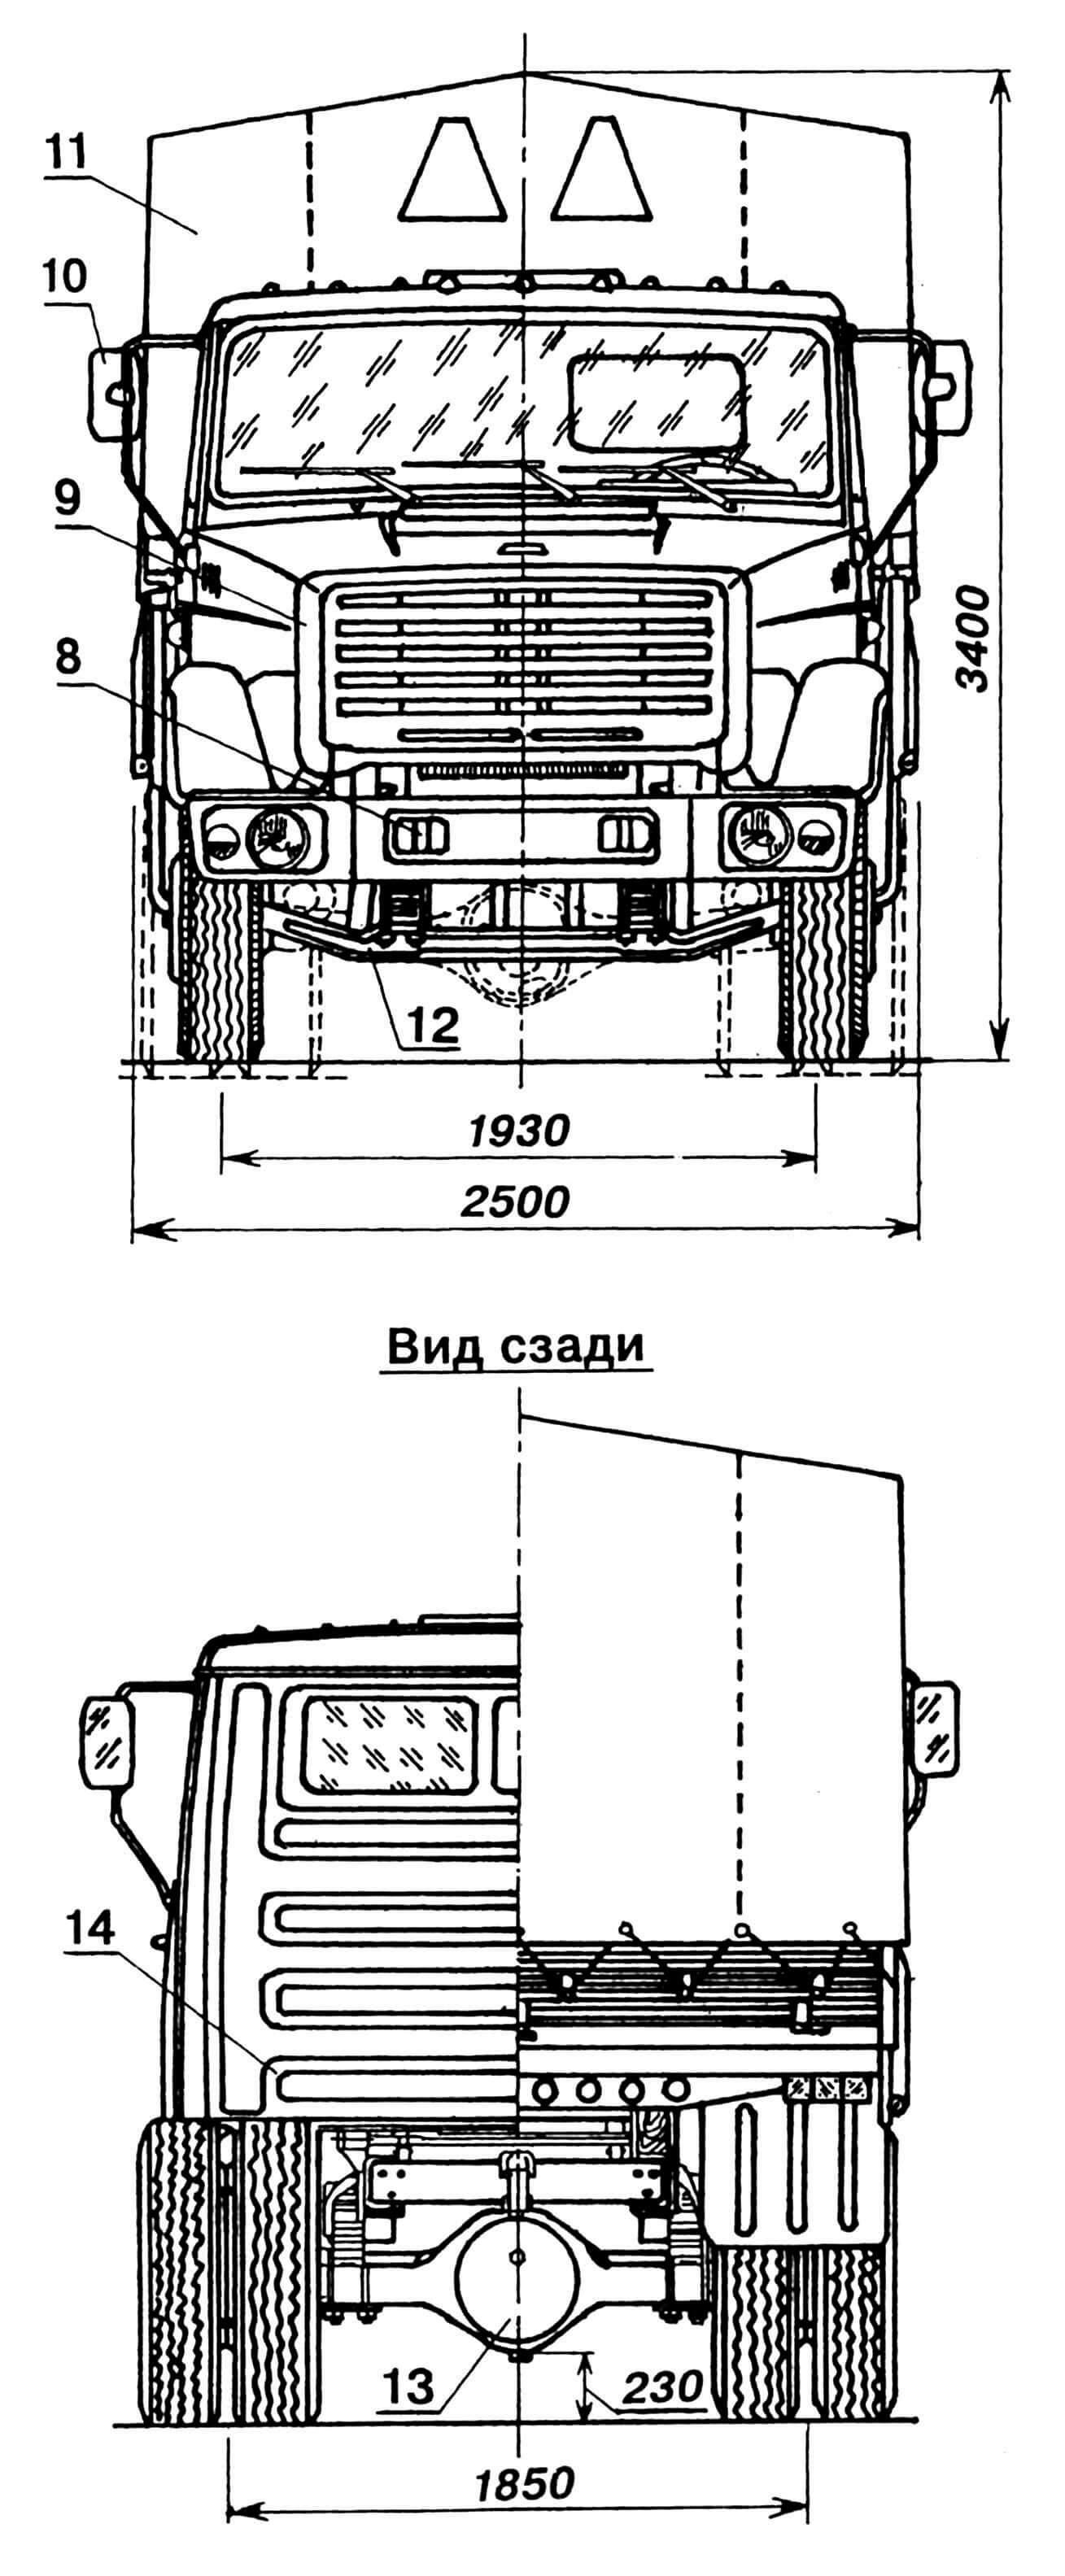 Грузовой автомобиль ЗИЛ-4331 (на видах сбоку и сверху зеркала условно не показаны): 1 — подножка, 2 — глушитель, 3 — бензобак, 4 — ящик инструментальный, 5 — вал карданный, 6 — брызговик, 7 — устройство буксирное, 8 — проушина буксирная (2 шт.), 9 — решетка радиатора облицовочная, 10 — зеркало заднего вида, 11 — тент, 12 — балка переднего моста, 13 — редуктор заднего моста, 14 — стенка кабины задняя, 15 — повторитель боковой, 16 — замок крепления оперения, 17 — ящик аккумуляторный, 18 — колесо запасное, 19 — люк вентиляционный, 20 — огонь габаритный, 21 — воздухозаборник вентиляции и отопления кабины, 22 — воздухозаборник воздушного фильтра, 23 — капот, 24 — крыло.